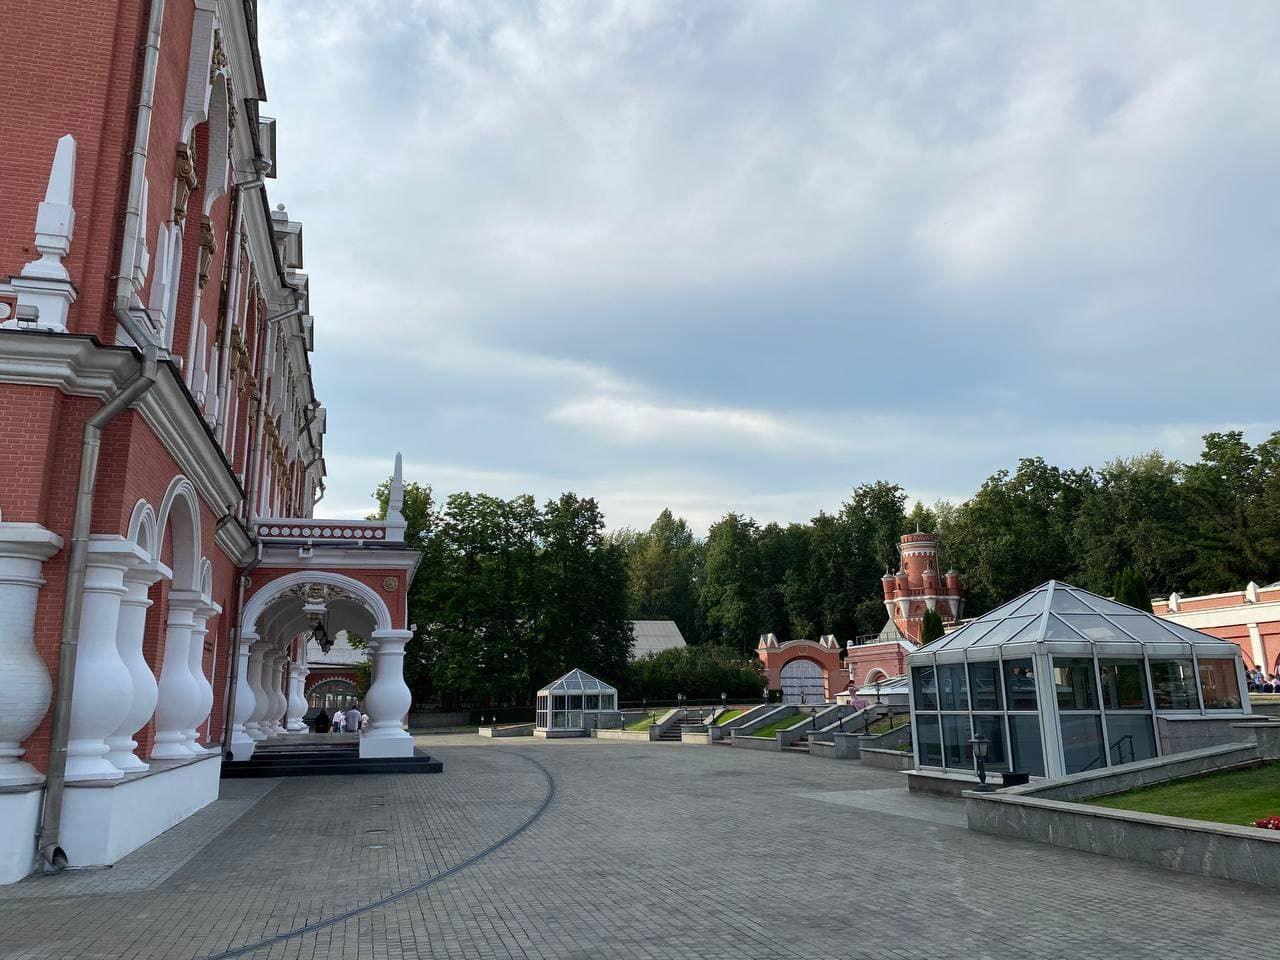 Лето продолжается, один мой долгожданный выходной в Москве, фото 56